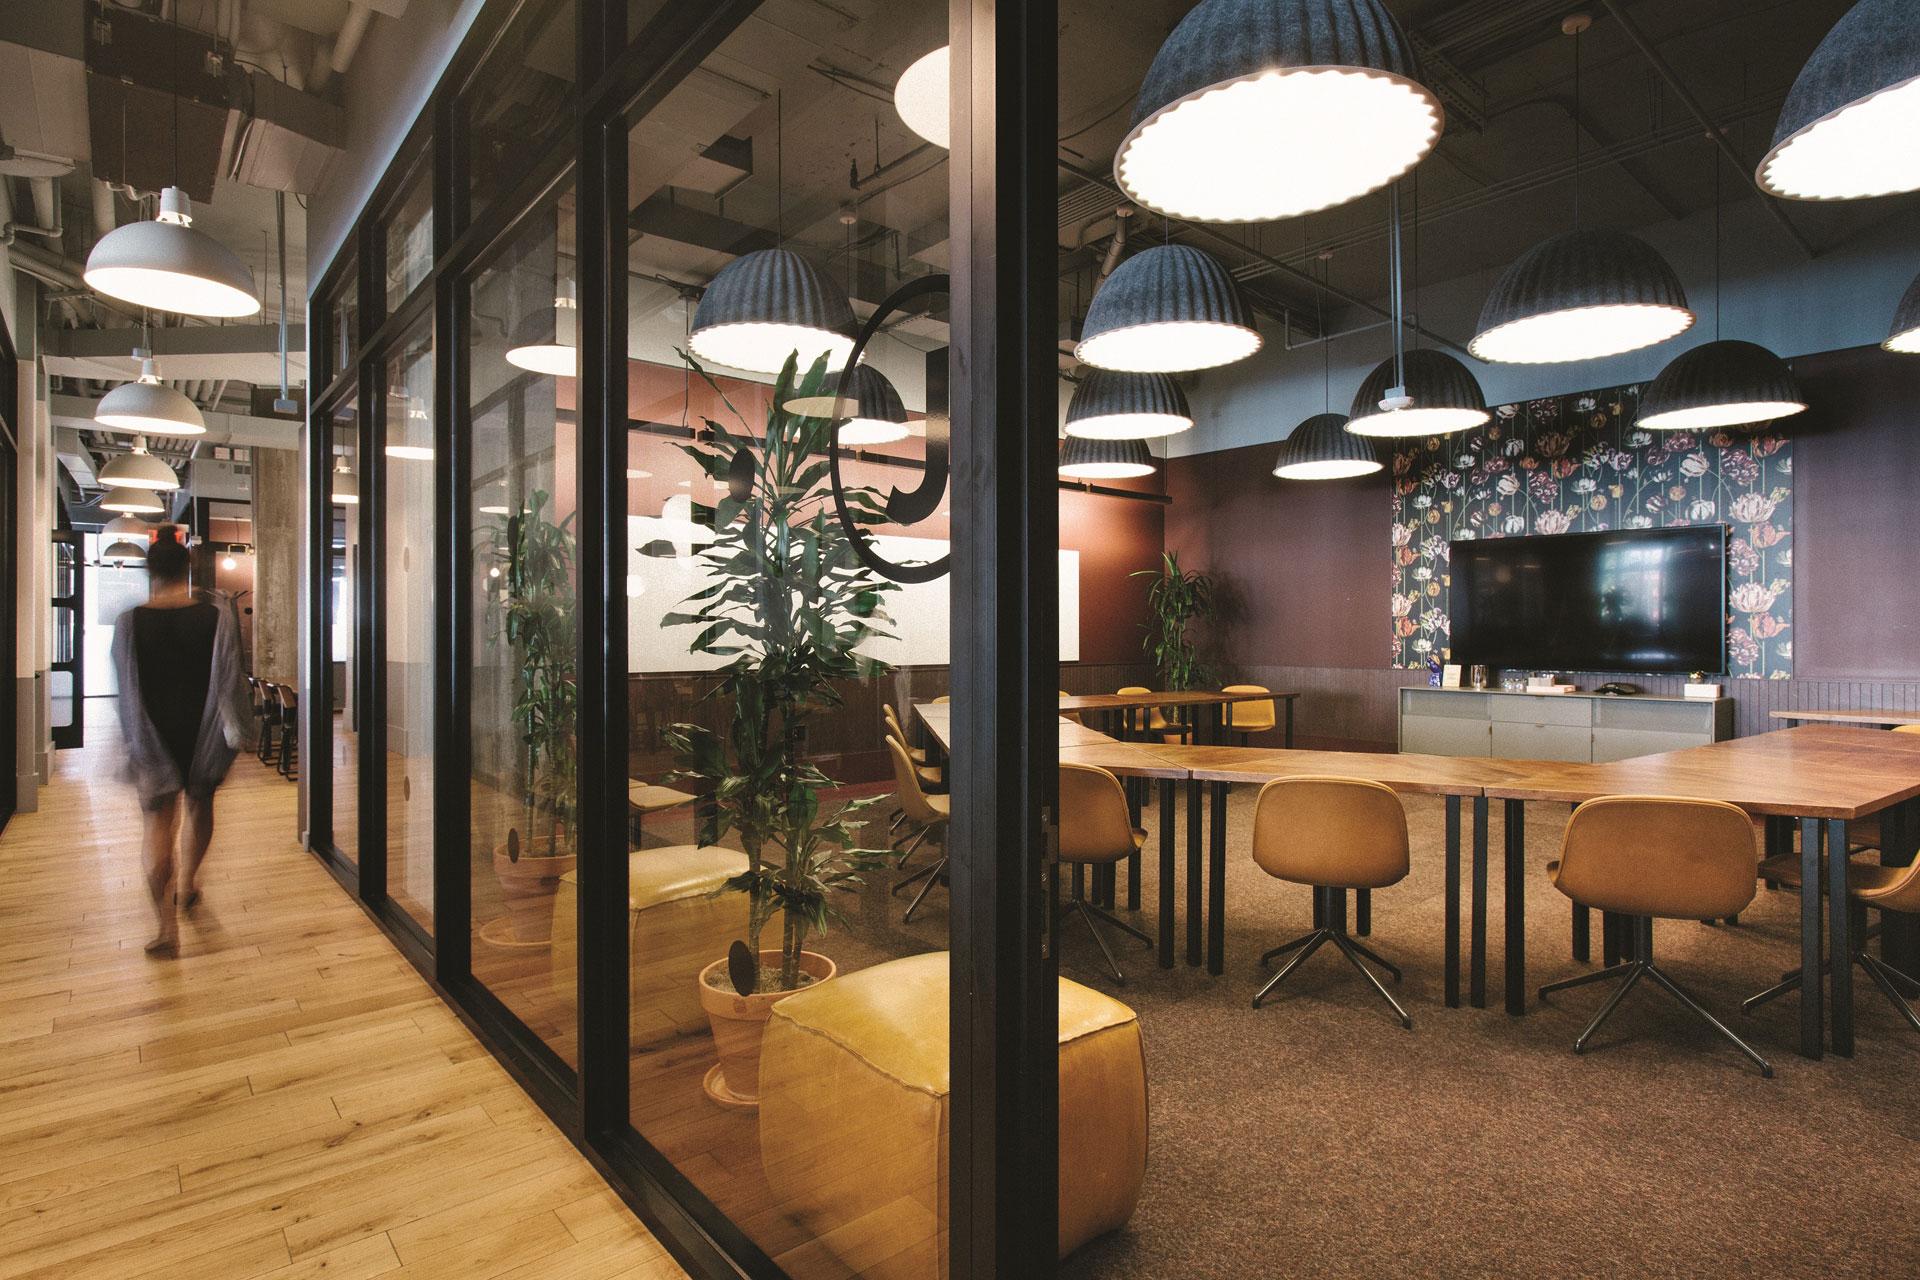 En Argentina, WeWork próximamente sumará a su plan de expansión dos nuevos edificios: Ing. Enrique Butty 275 (conocido como Torre IBM), en el barrio de Retiro, y Andres Arguibel 2860, en lo que será el primer desembarco en la zona de Palermo